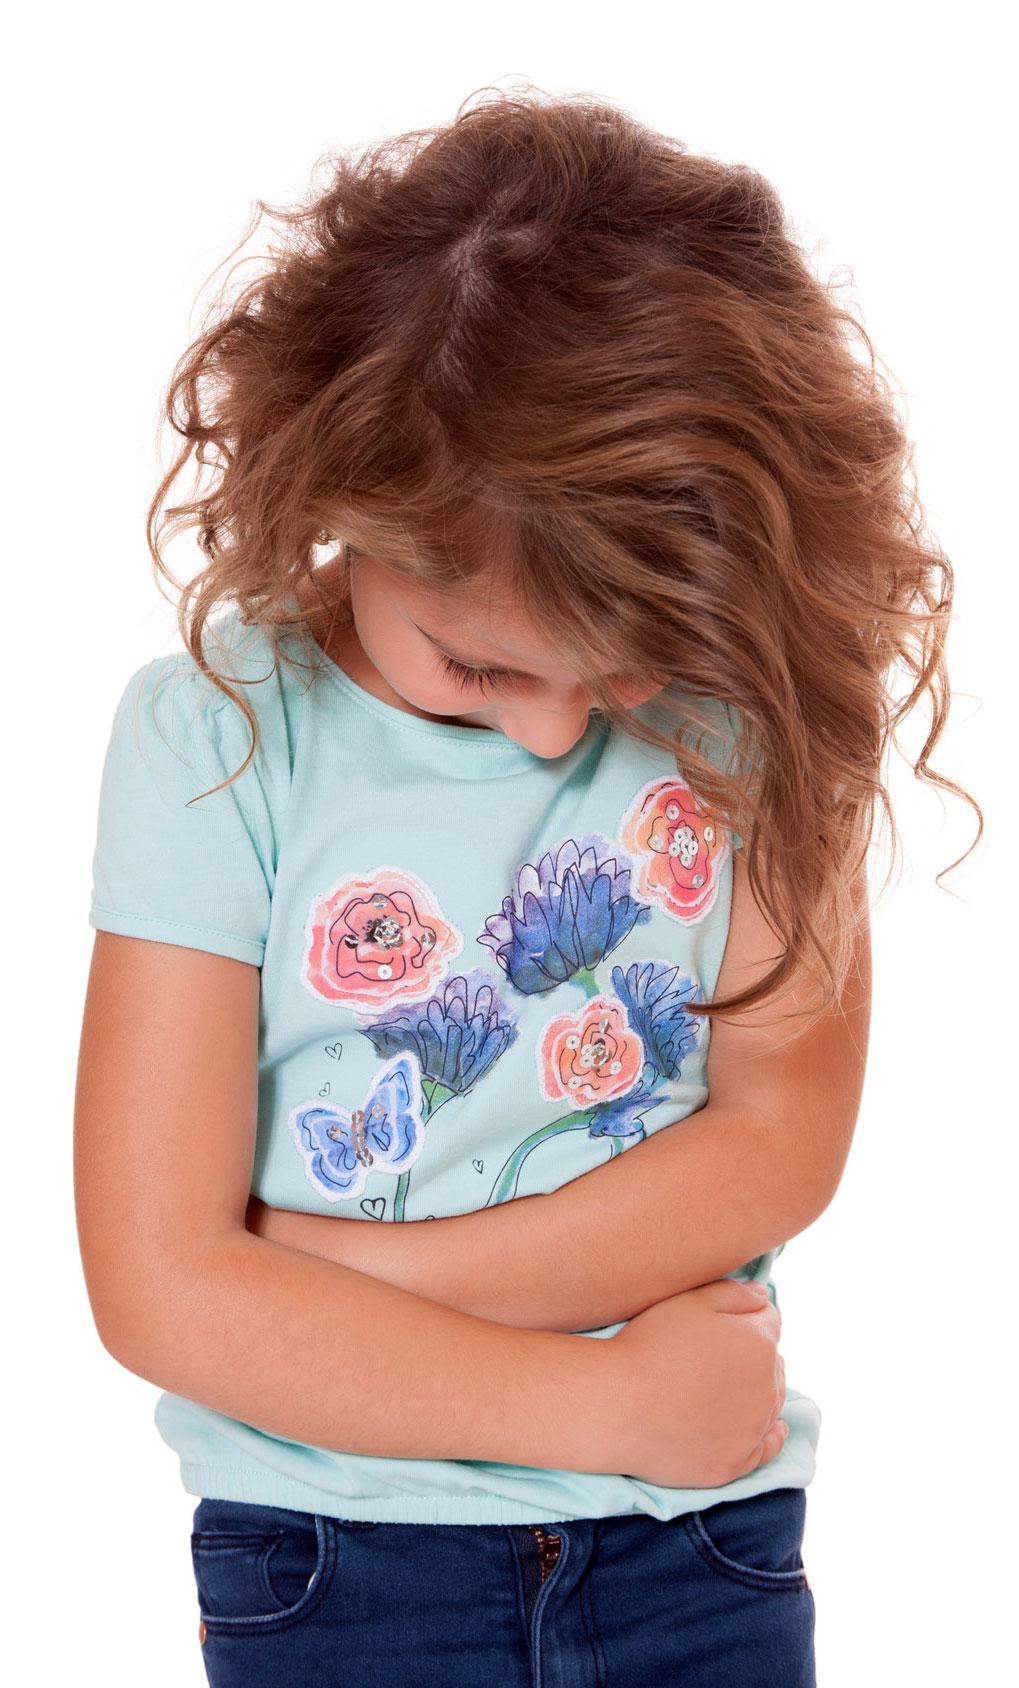 Salmonella - jak chronić dzieci w przedszkolu przed zakażeniem groźną bakterią